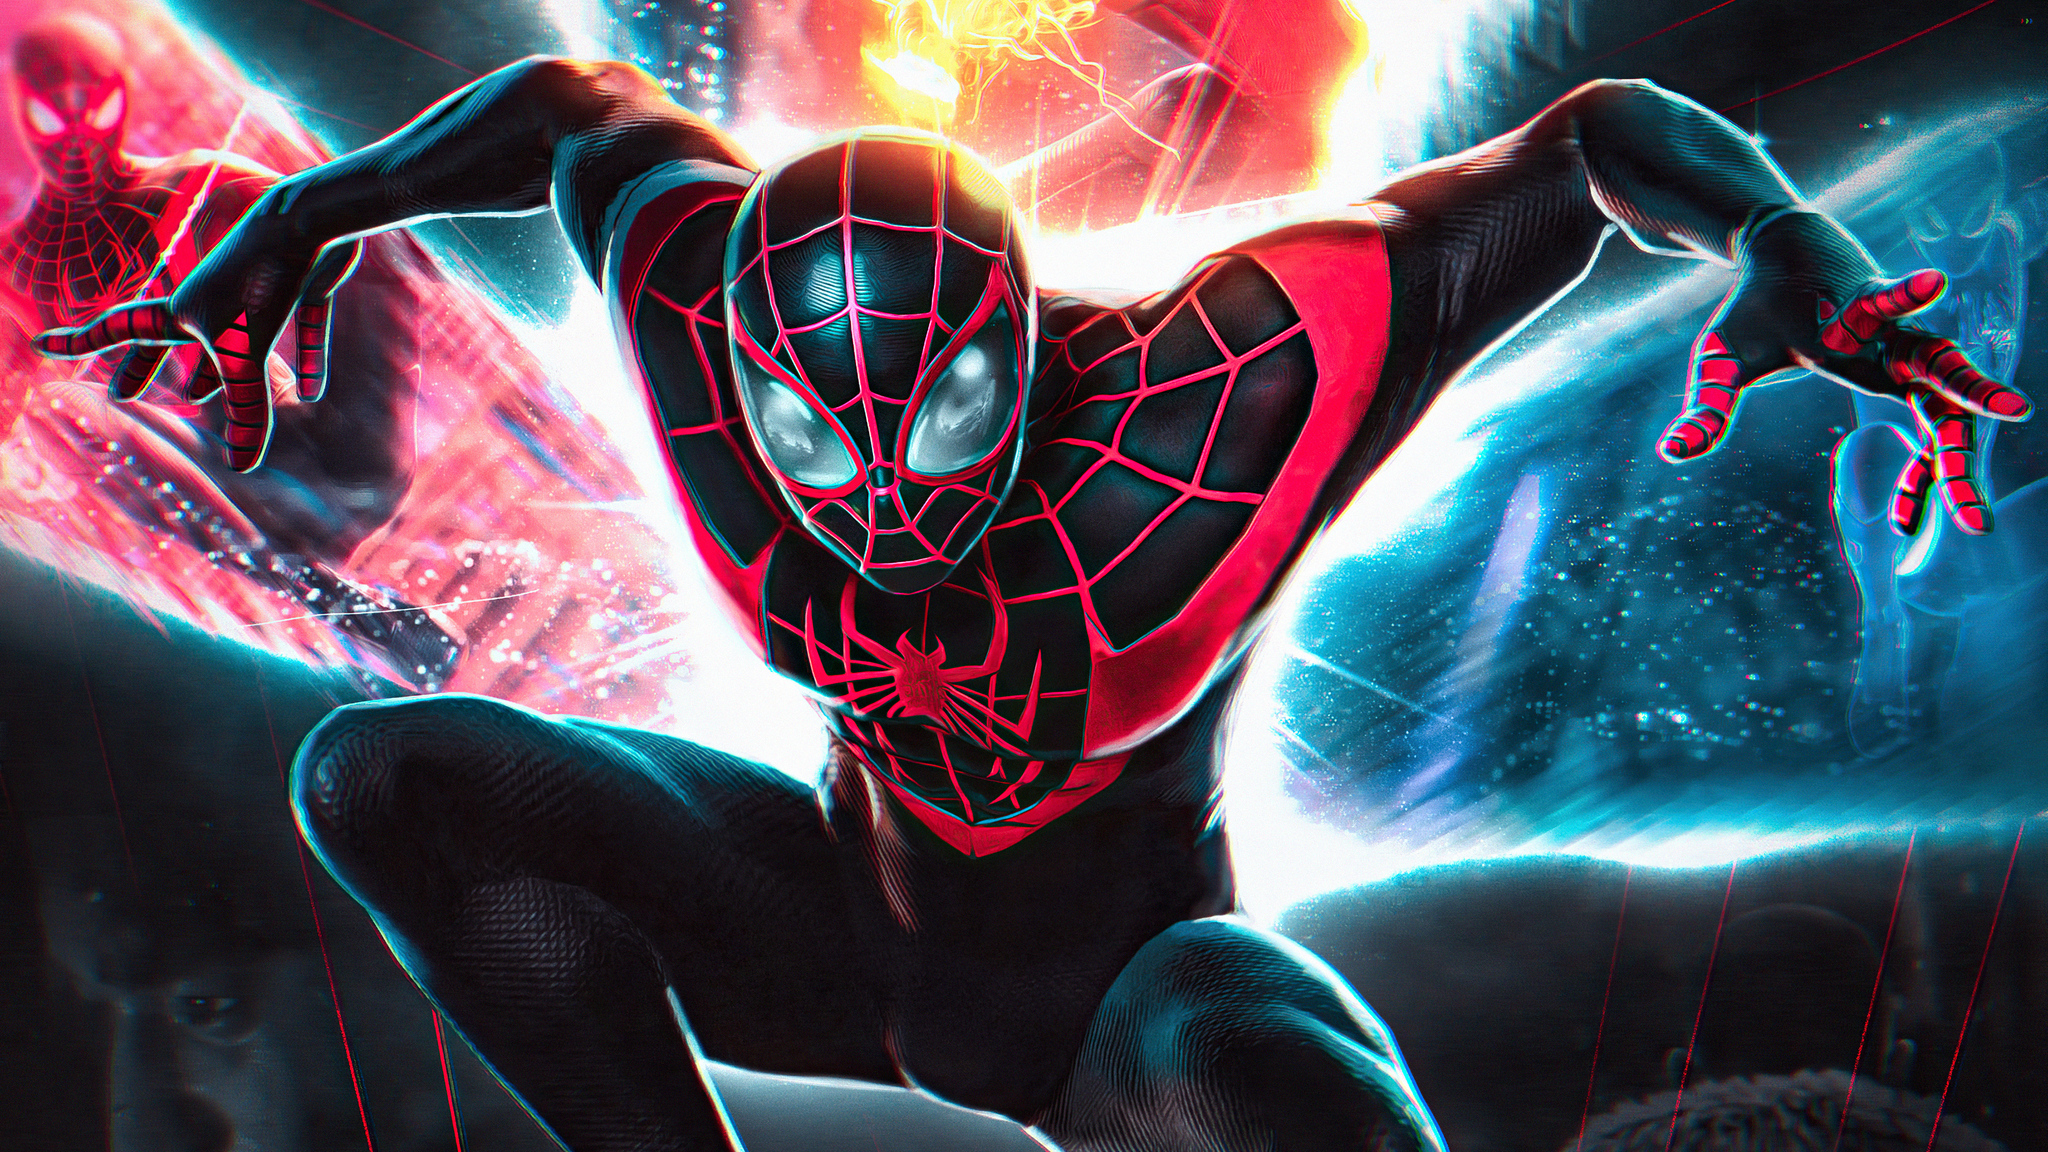 spiderman-miles-morales-insomniac-games-62.jpg